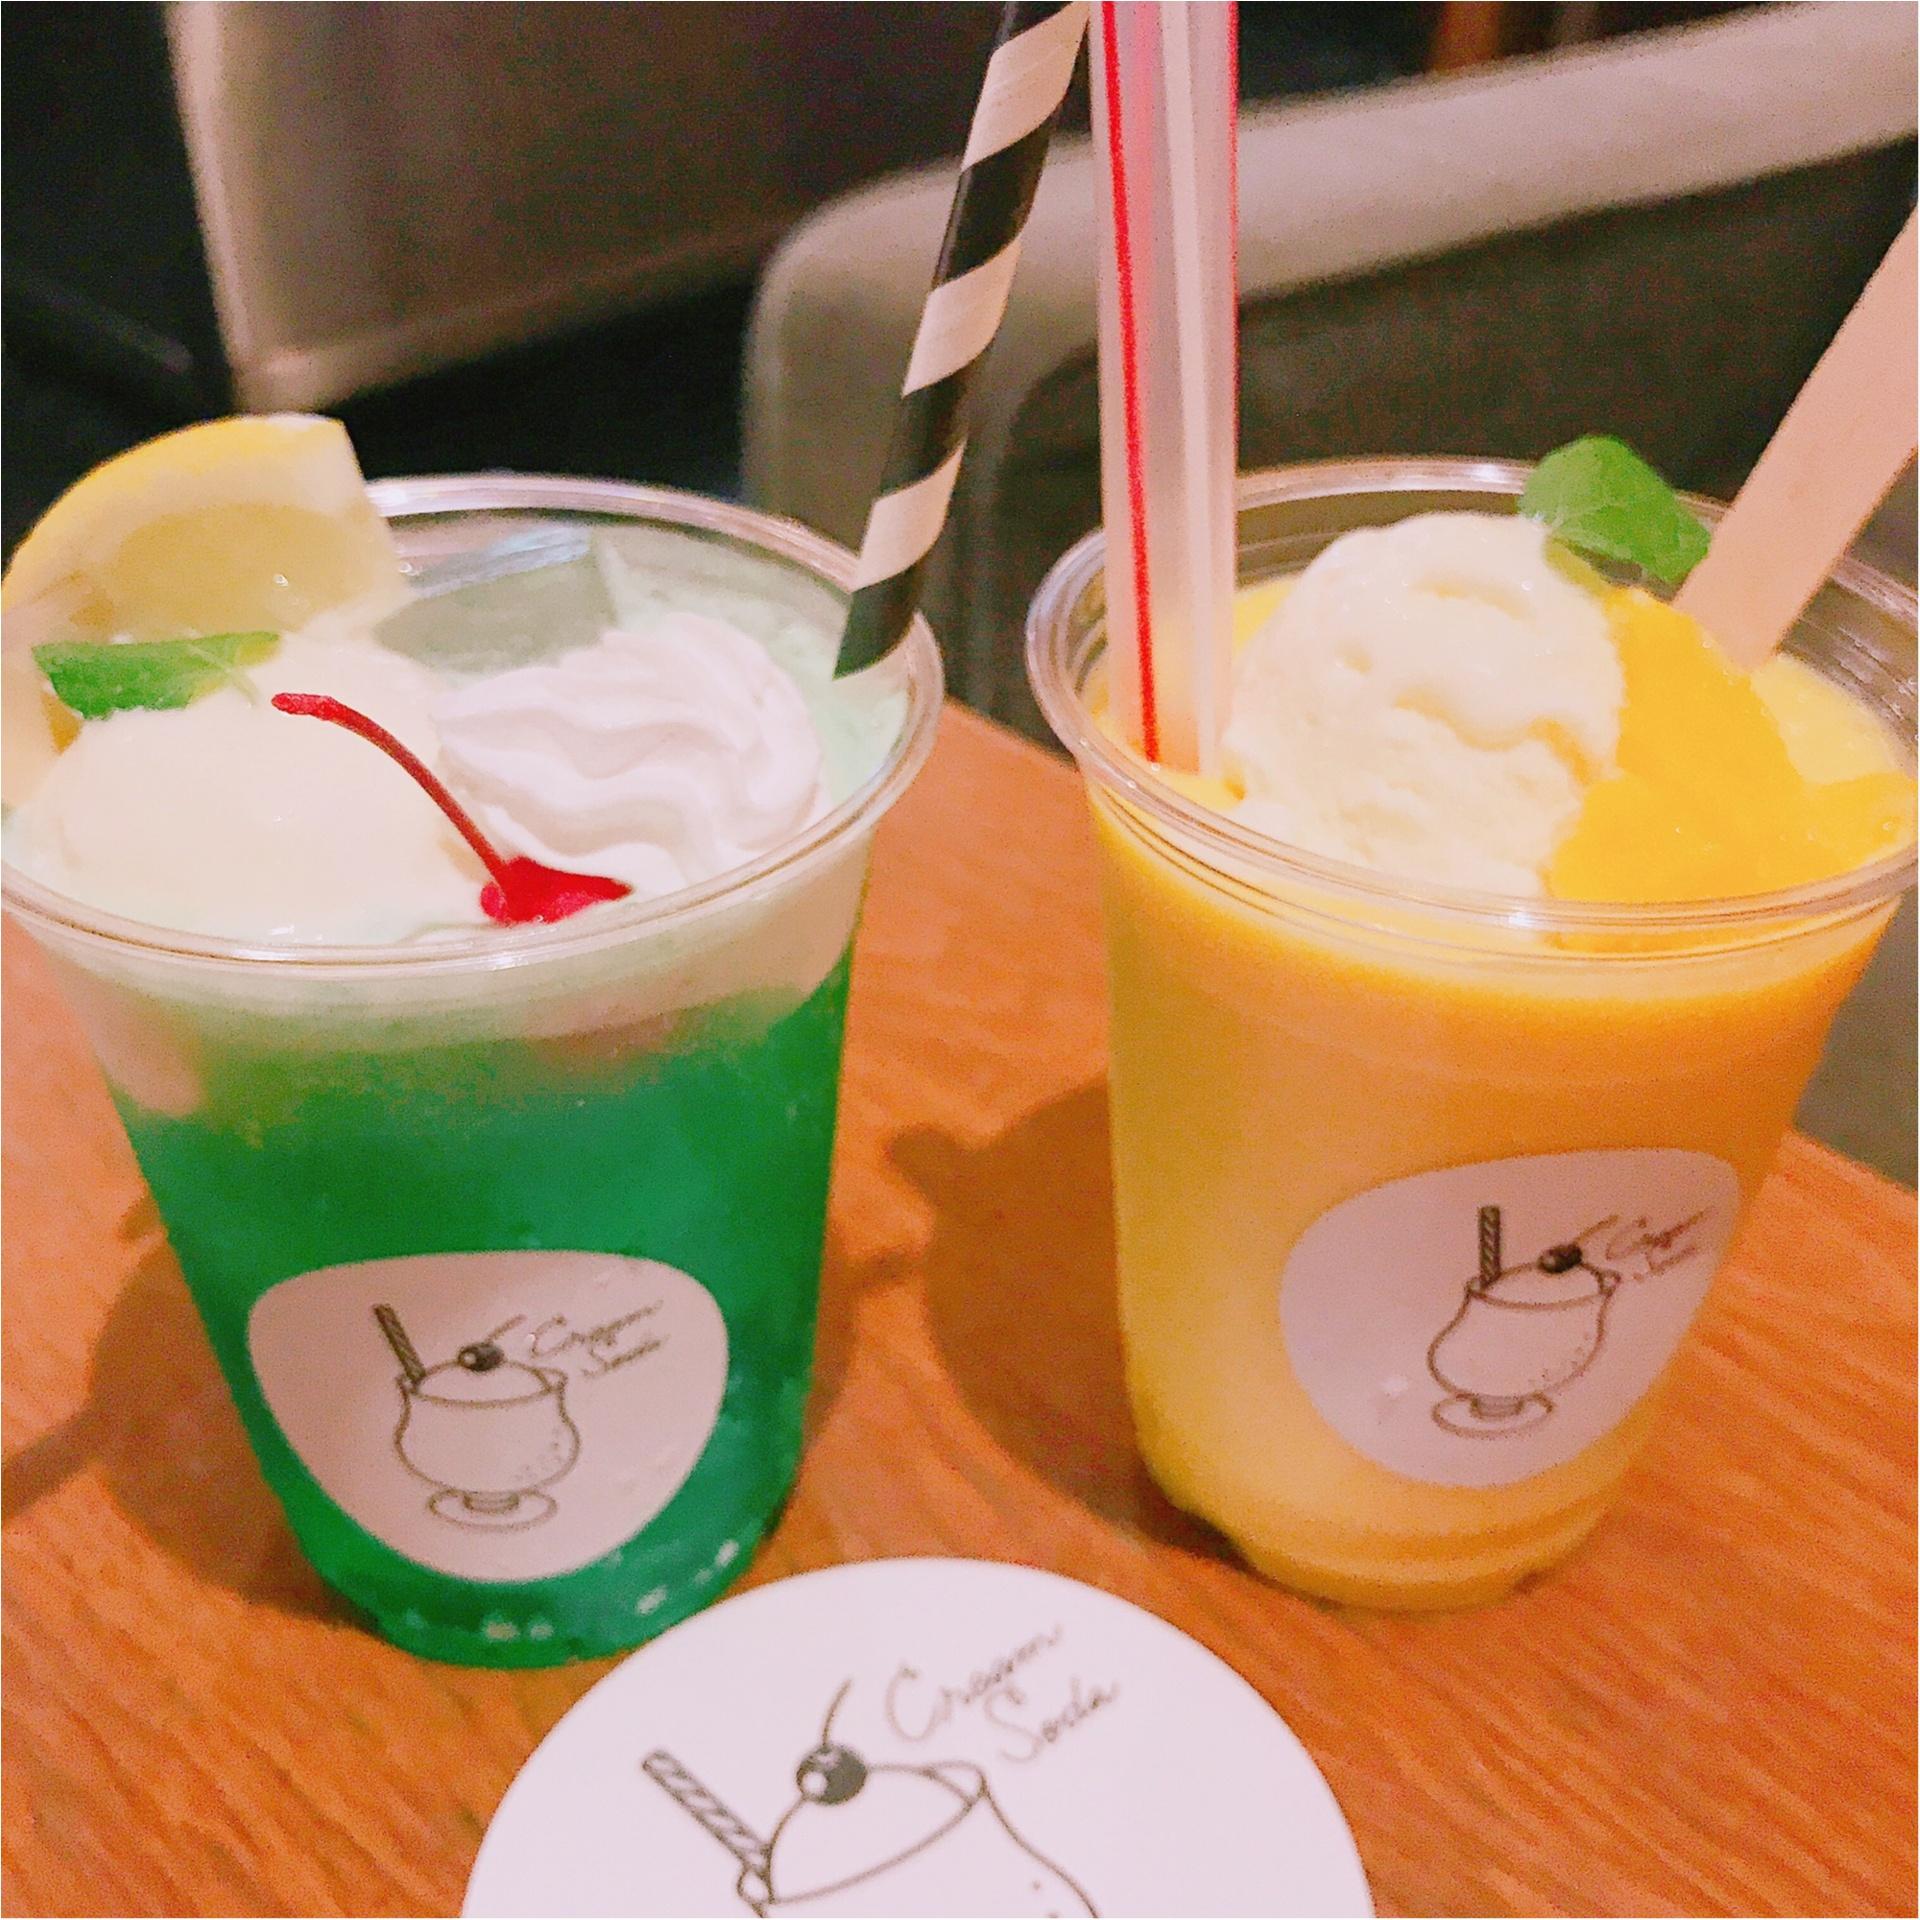 ★流行のクリームソーダ♪名古屋で飲むなら、まずココへ行くべし!★_4